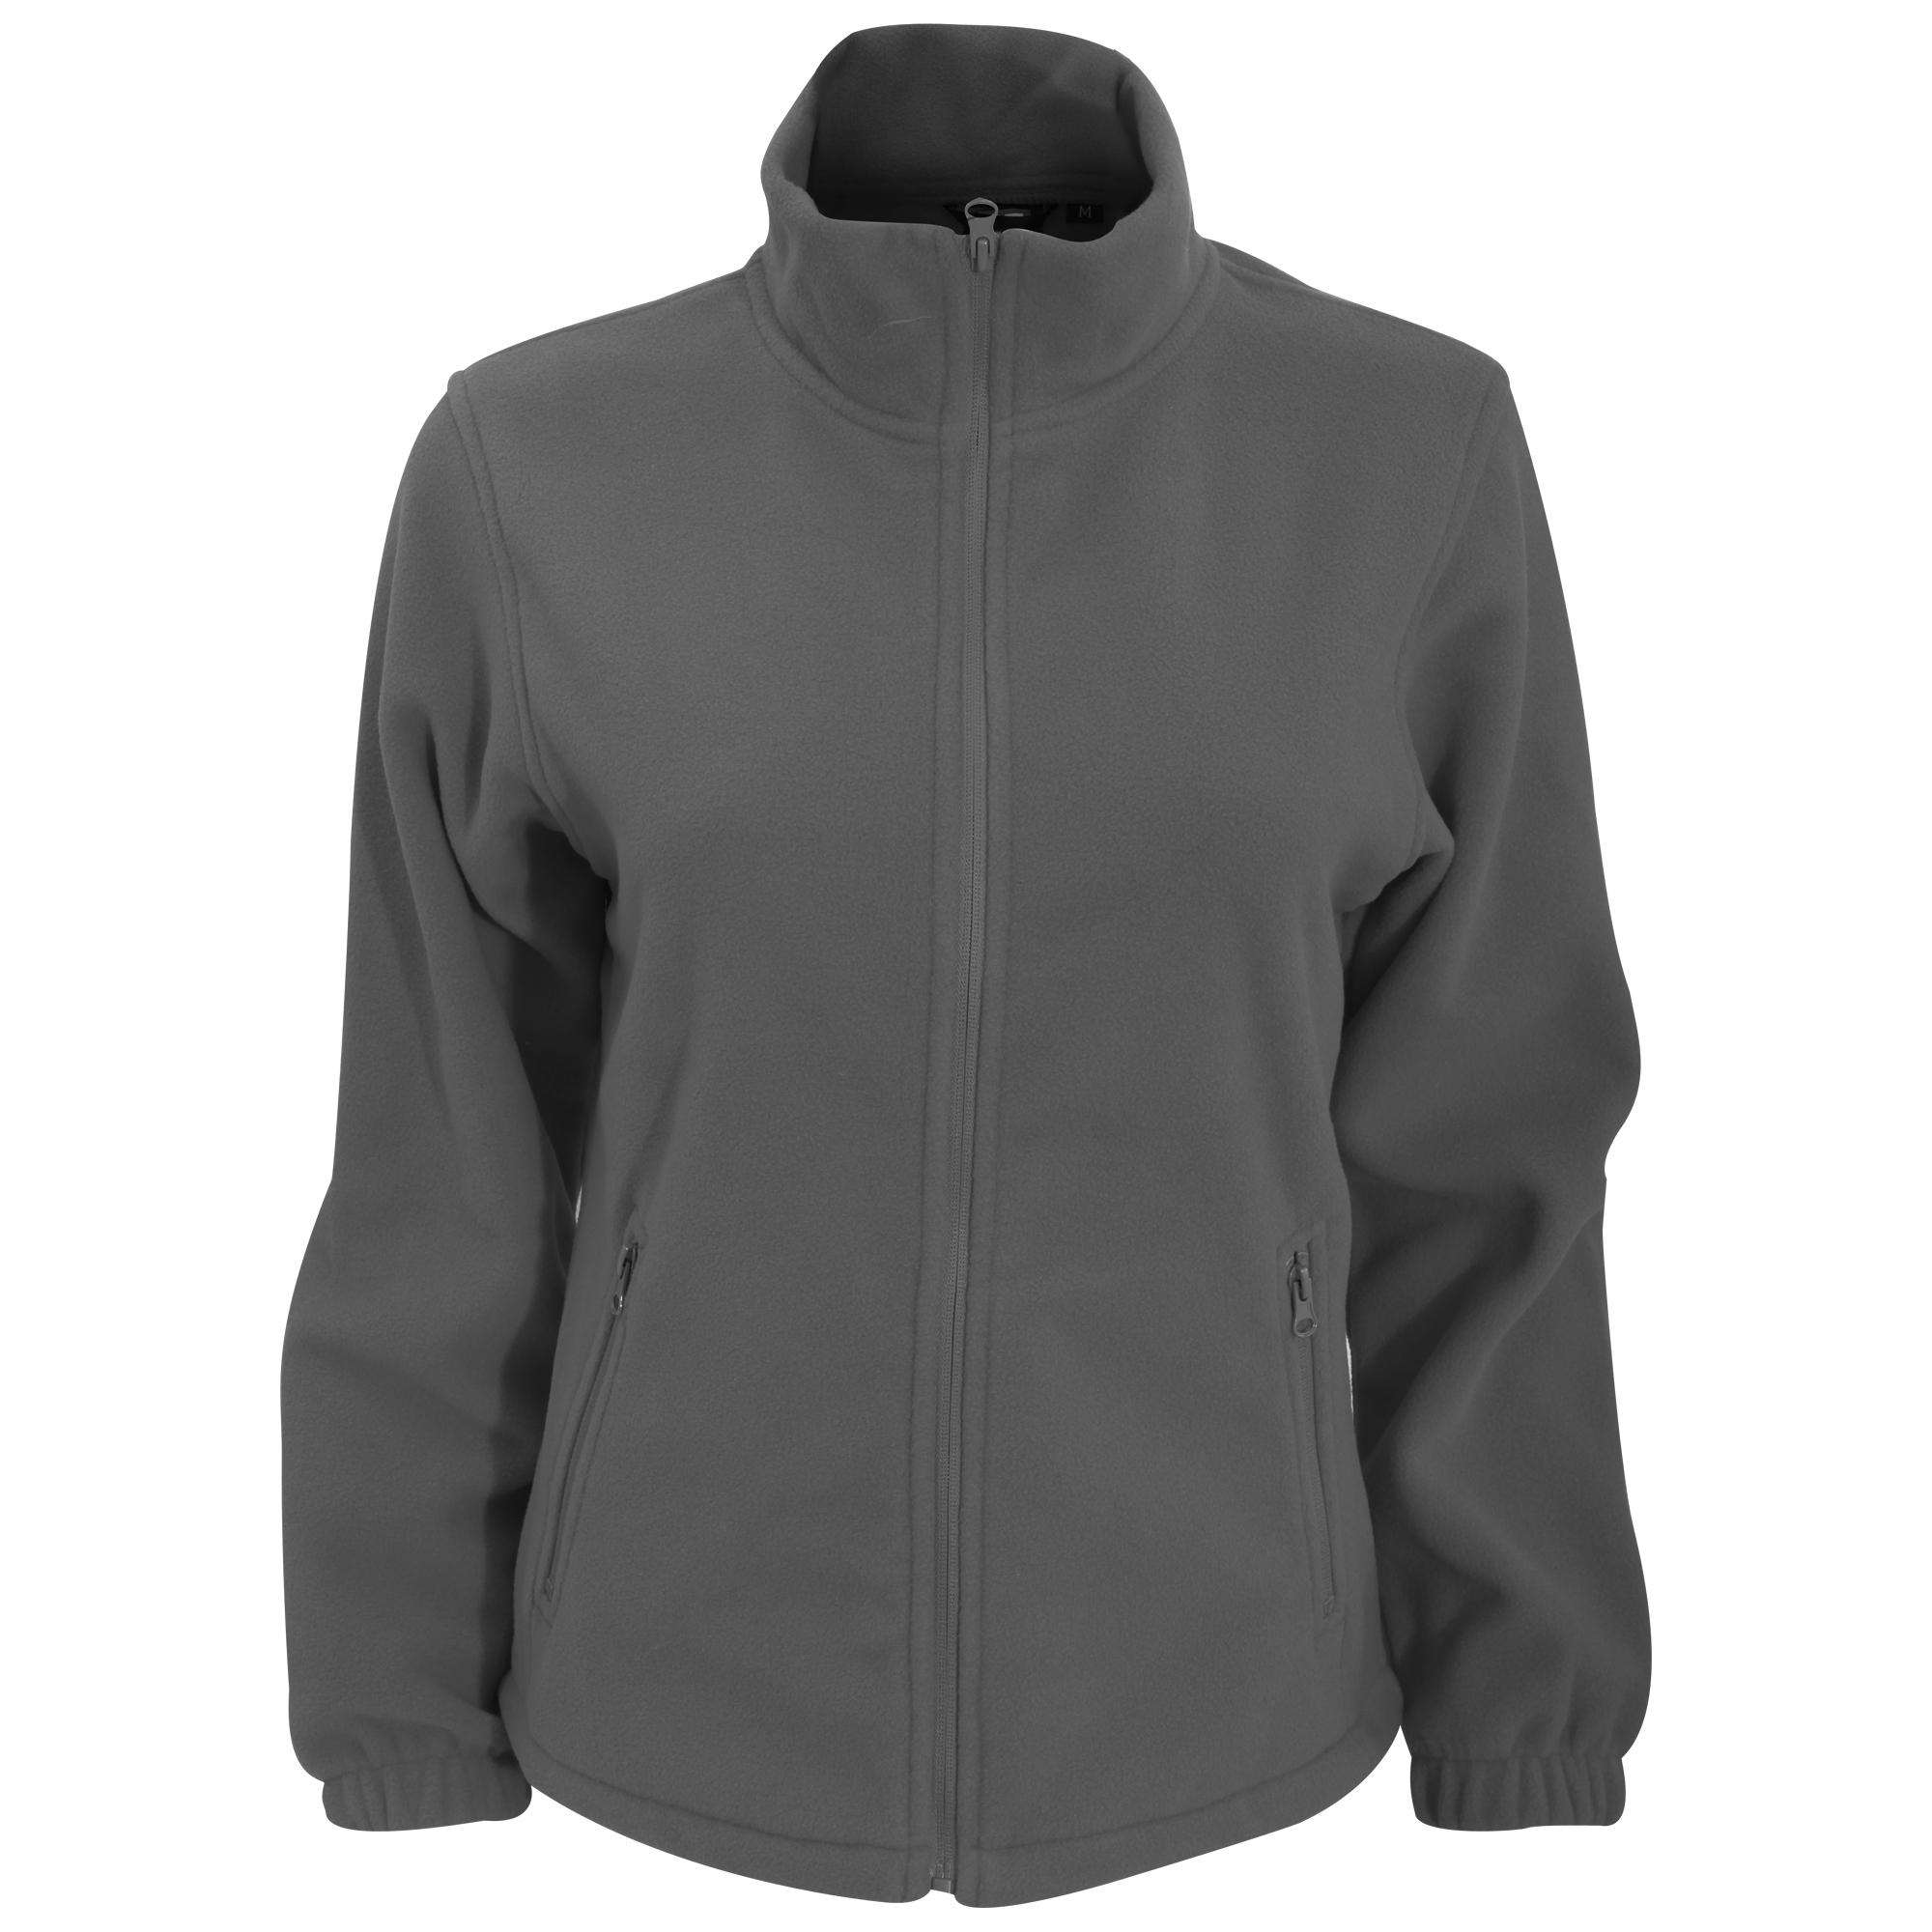 2786 Womens/Ladies Full Zip Fleece Jacket (280 GSM) (XS) (Charcoal)